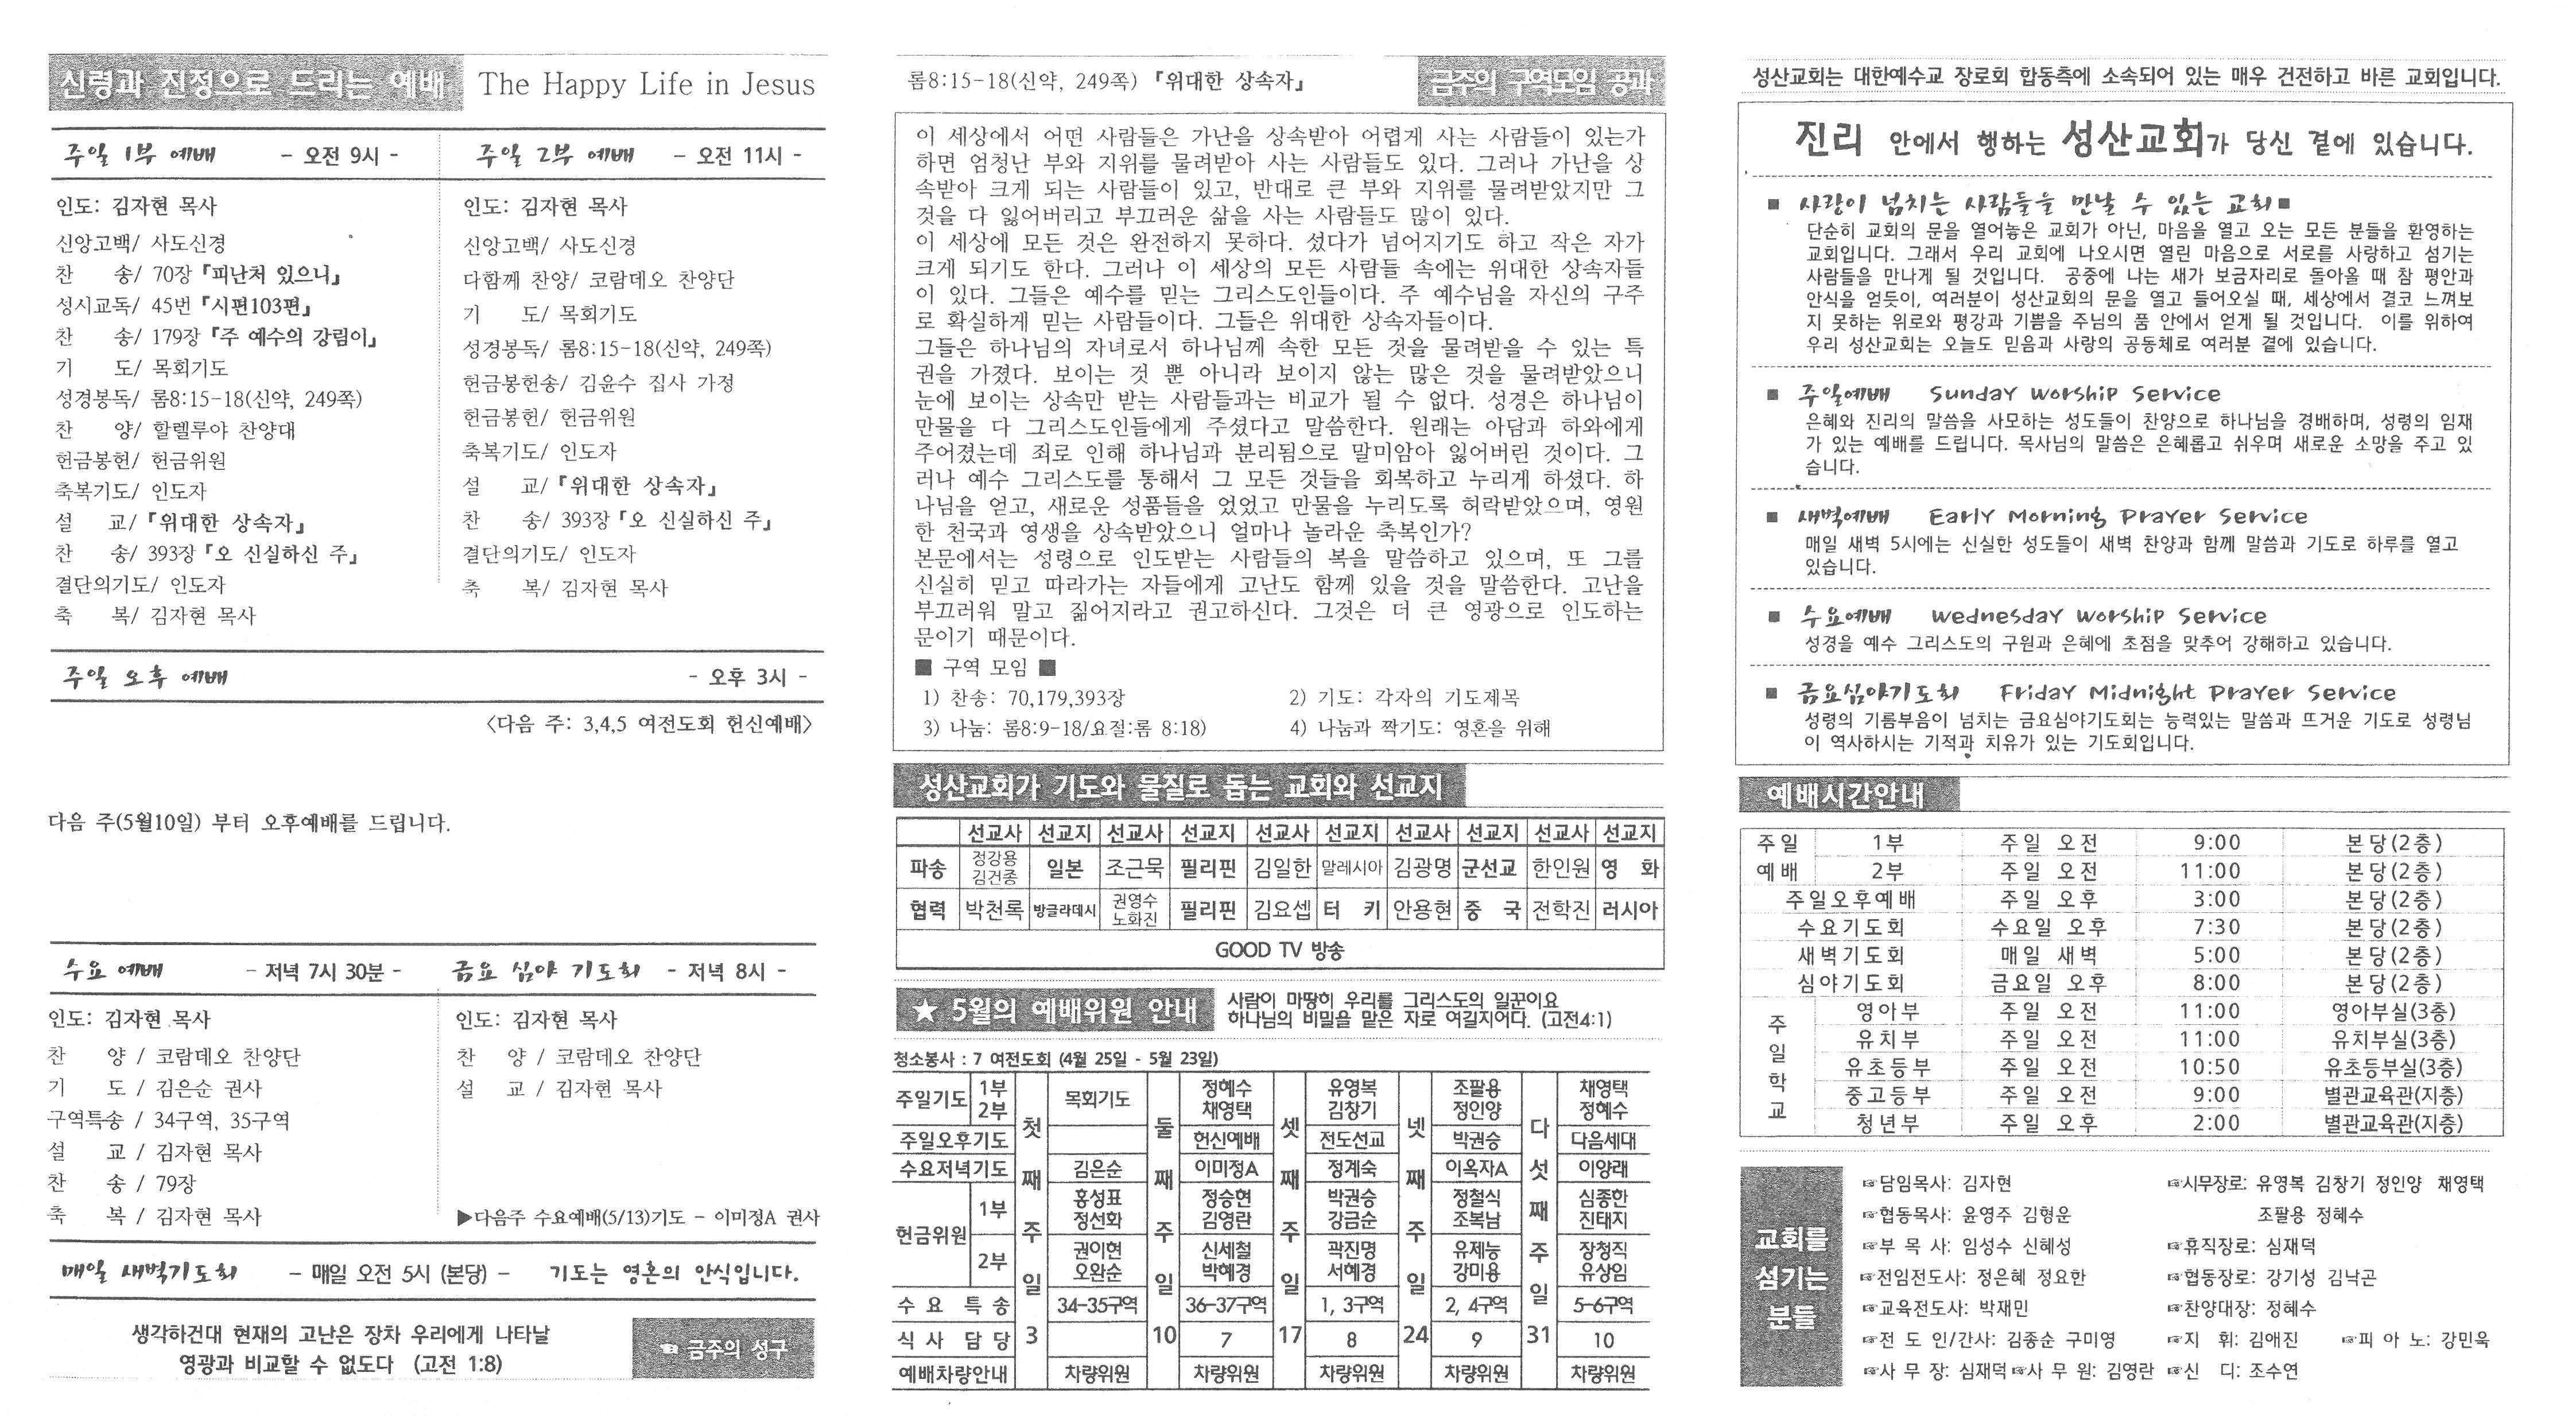 S22C-6e20050214040_0001.jpg